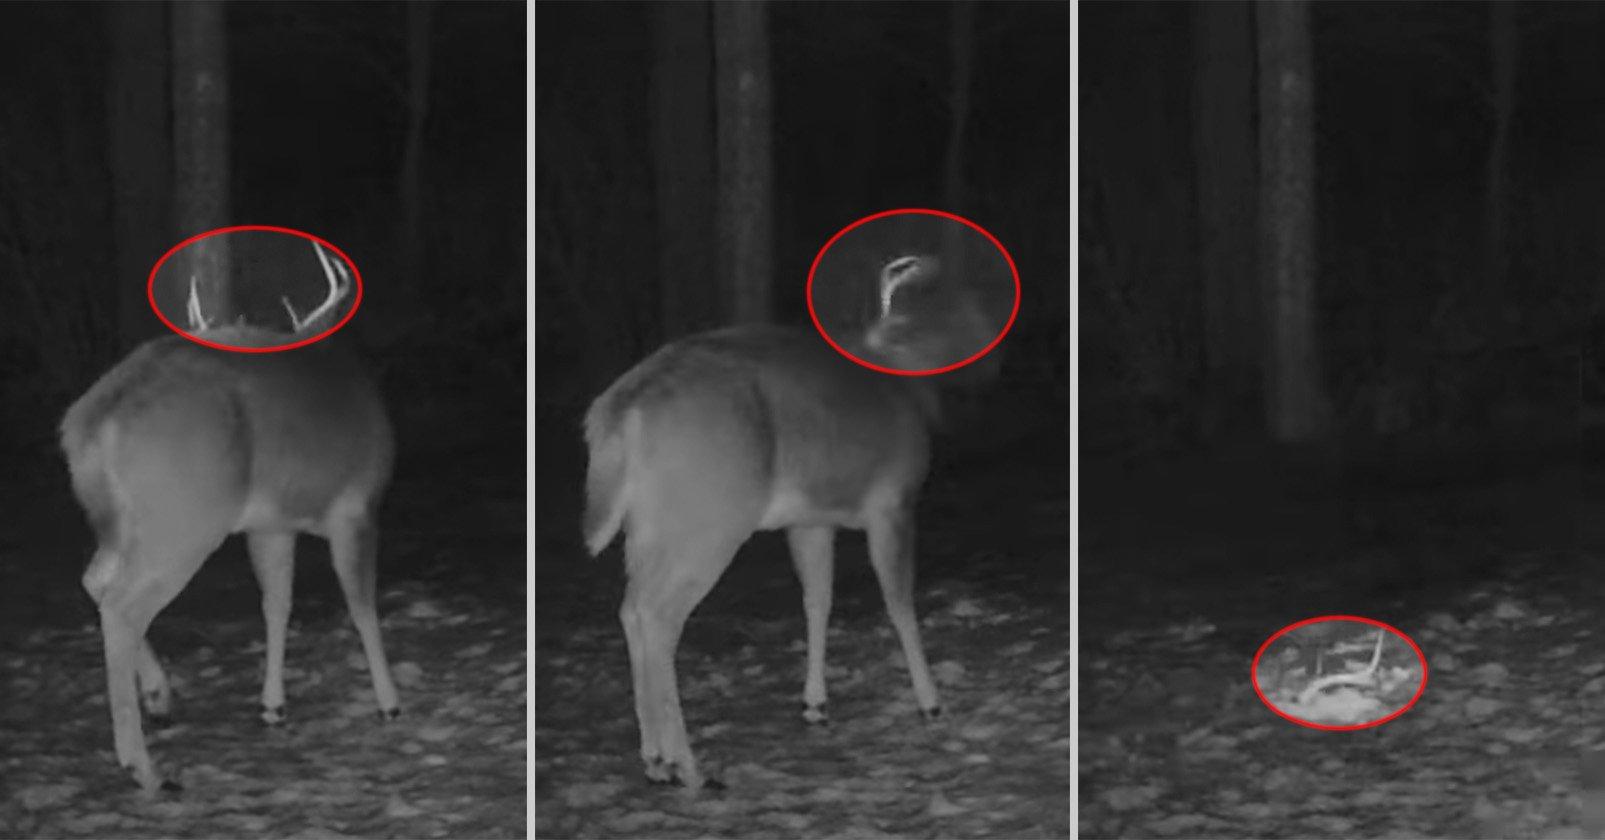 Una cámara de sendero captura imágenes raras de ciervos sacudiéndose de su cornamenta